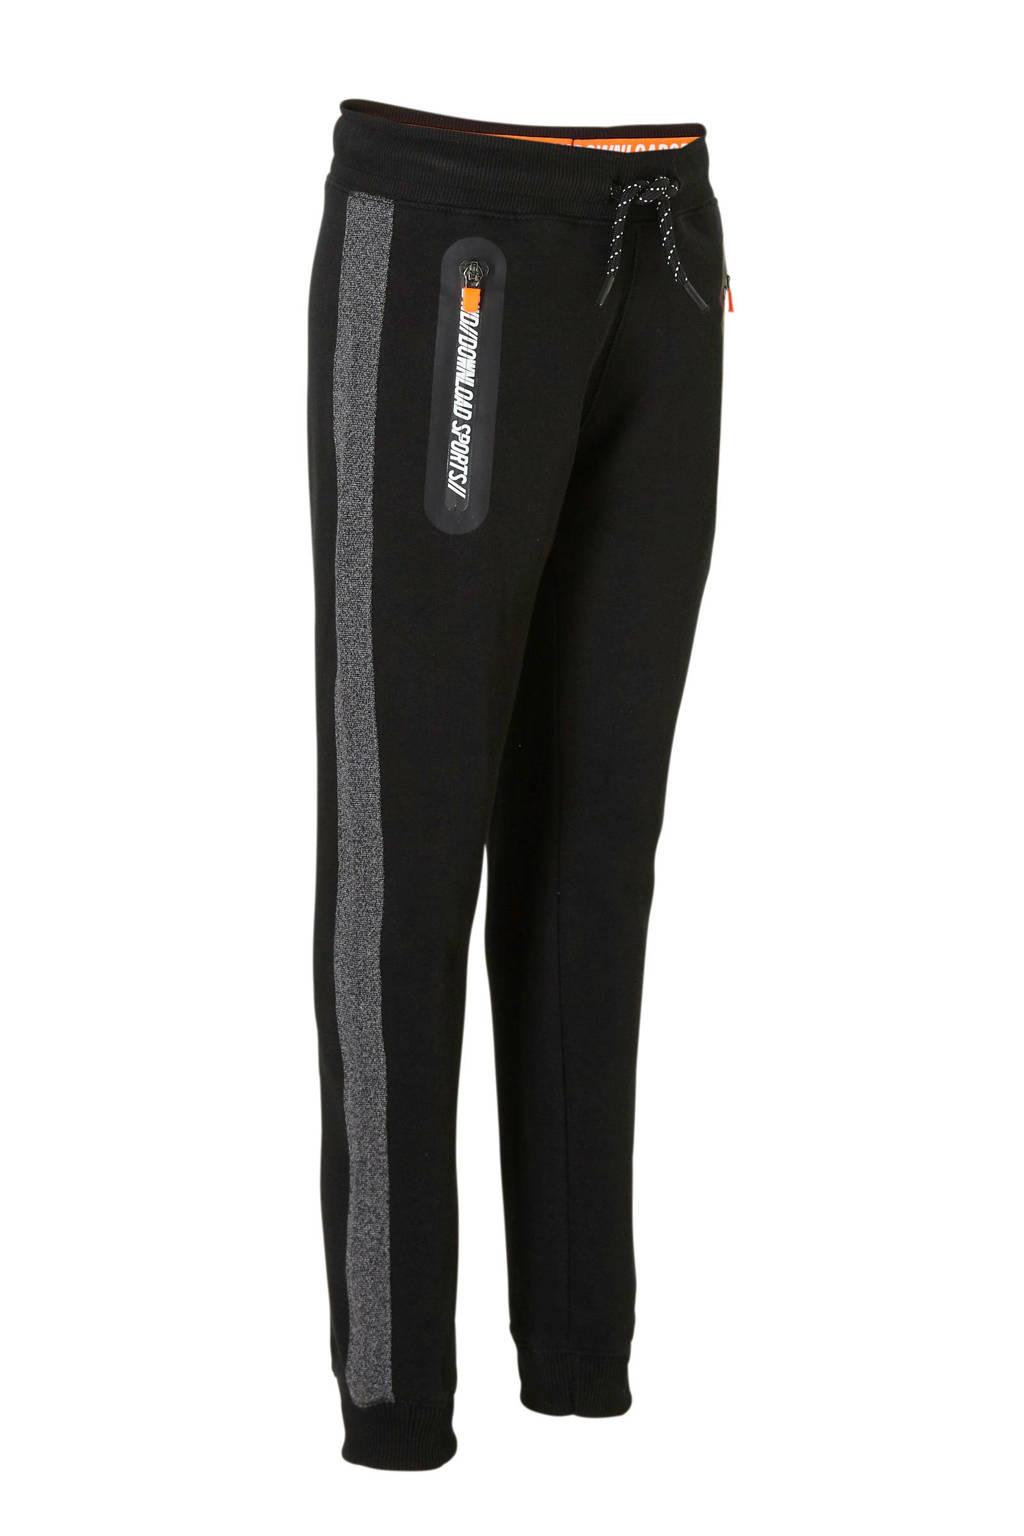 C&A Here & There   joggingbroek met zijstreep zwart, Zwart/grijs melange